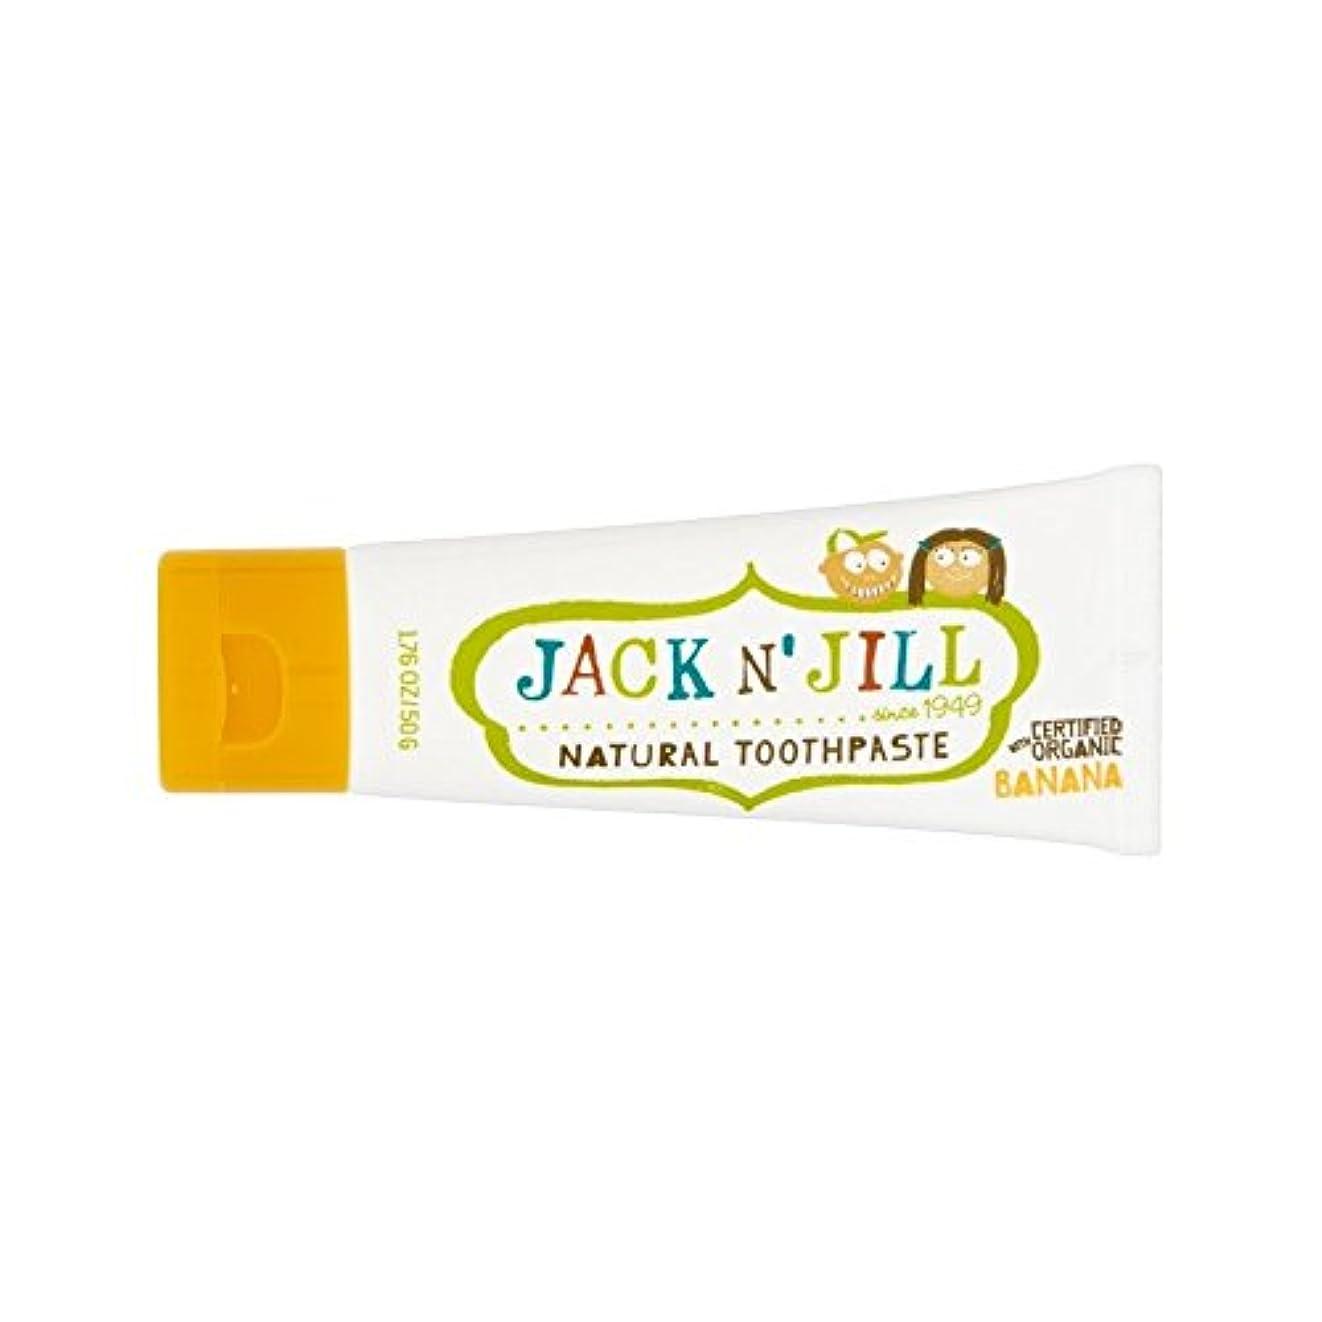 パーティション排除予想する有機香味50グラムと自然バナナ歯磨き粉 (Jack N Jill) (x 4) - Jack N' Jill Banana Toothpaste Natural with Organic Flavouring 50g (Pack of 4) [並行輸入品]